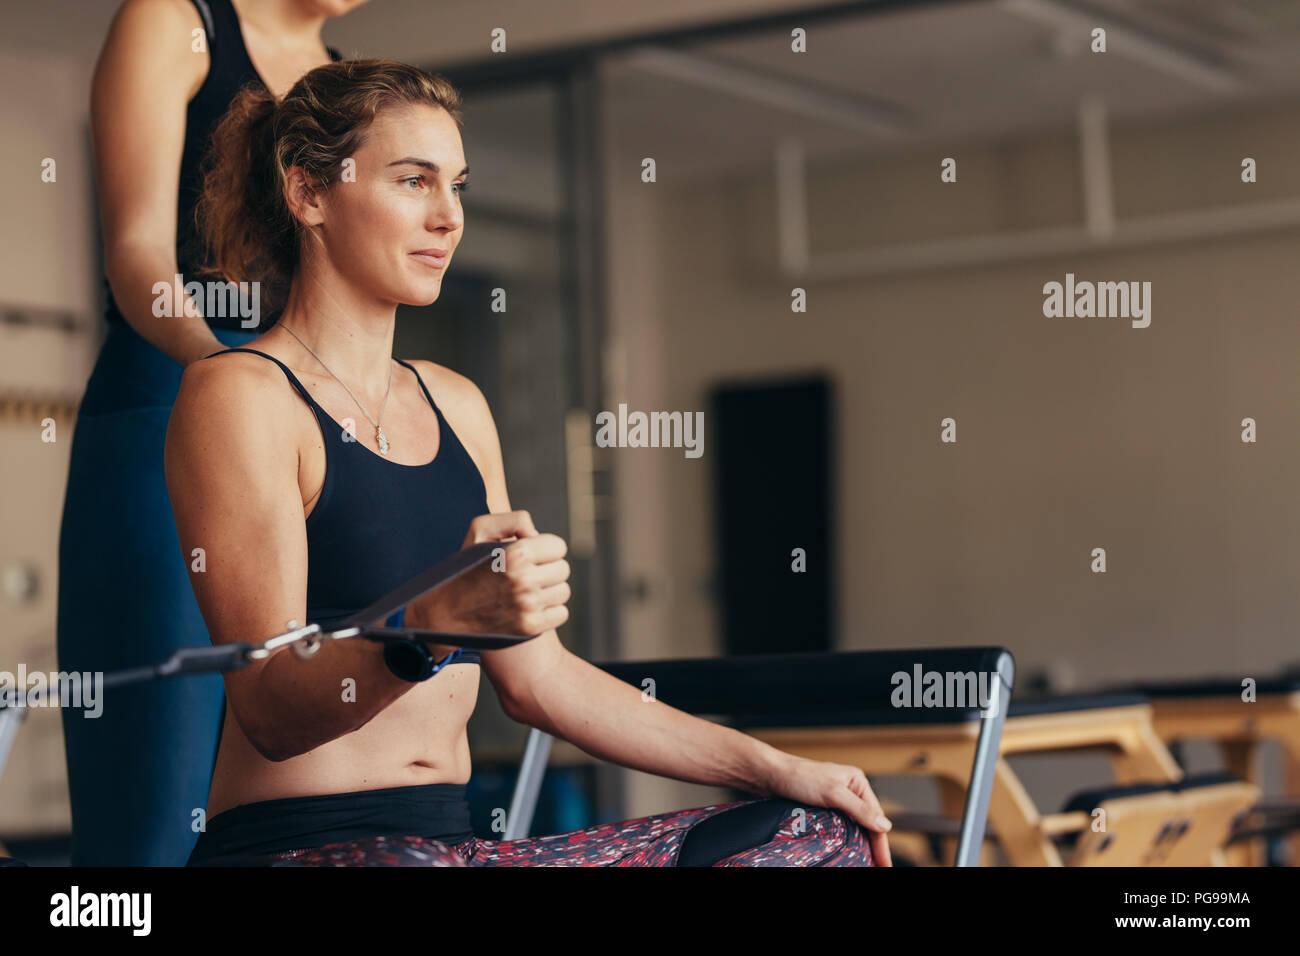 Femme assise sur une machine de formation pilates tirant bande élastique avec sa main. Photo Stock